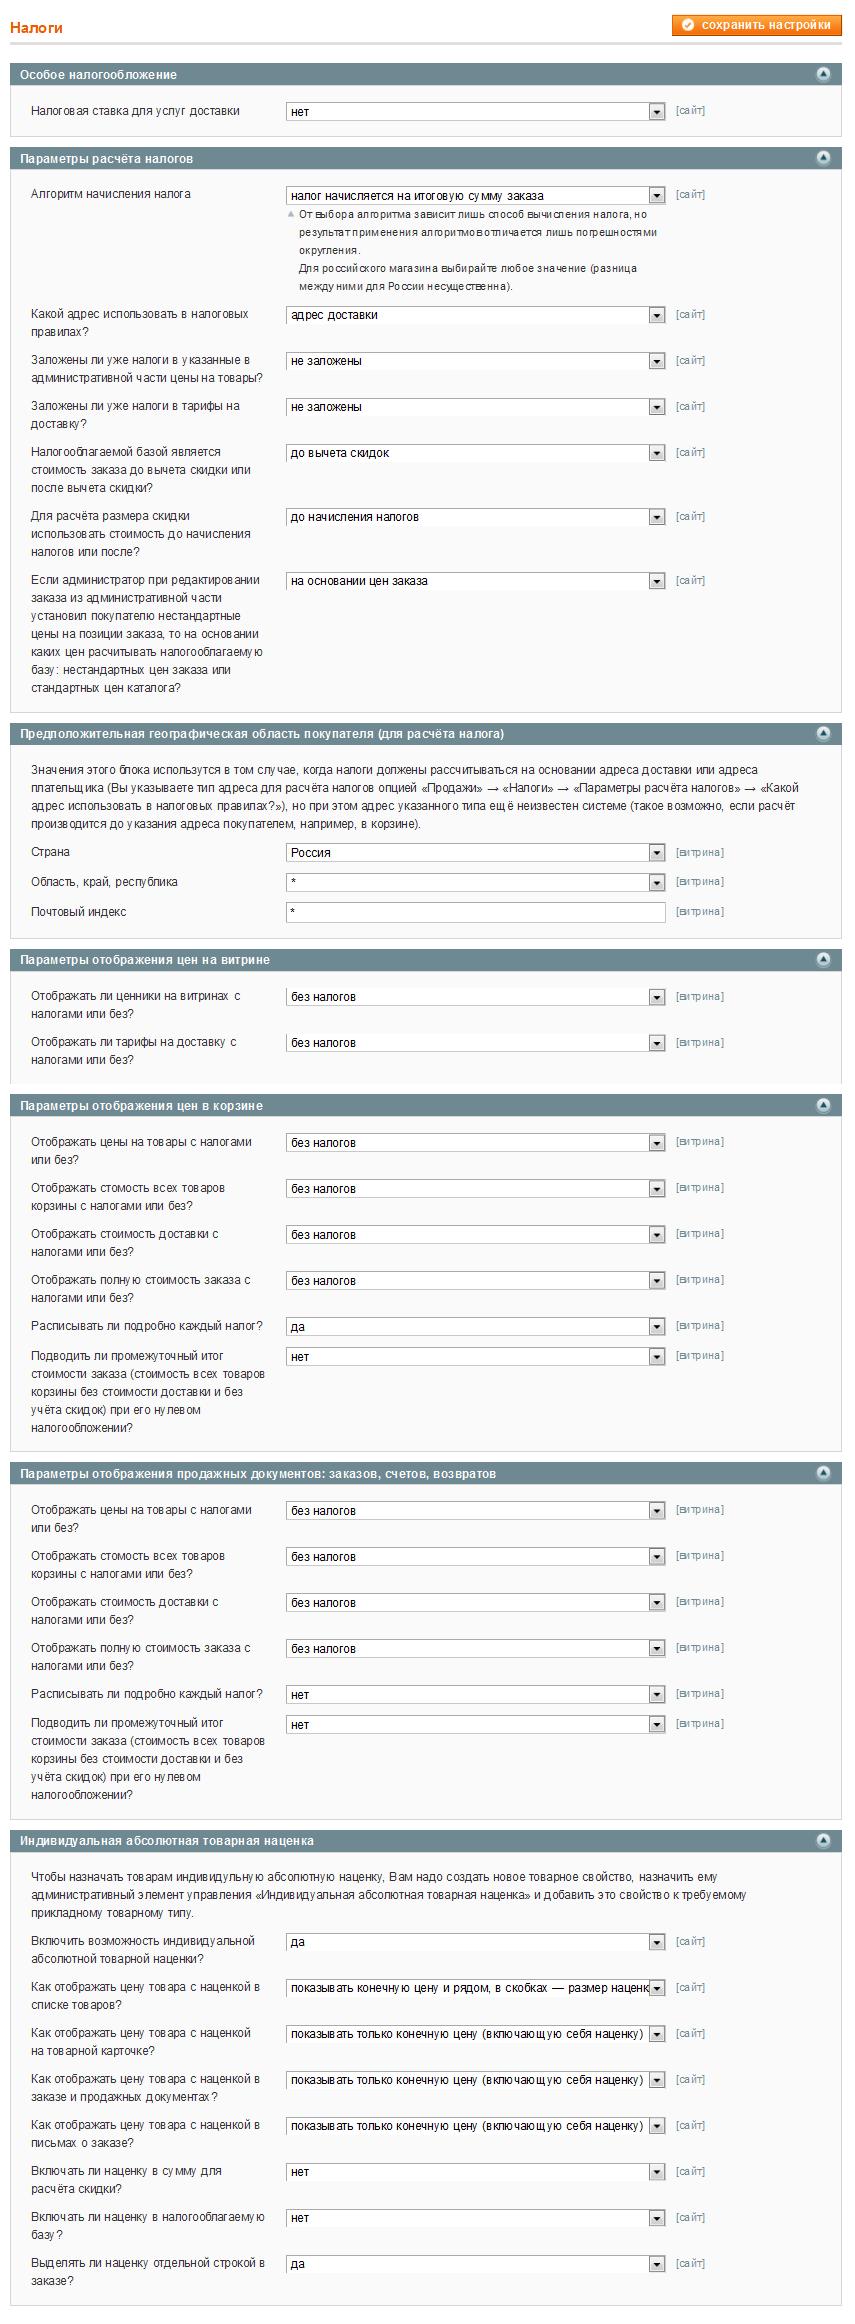 Прикрепленное изображение: magento-settings-tax.png